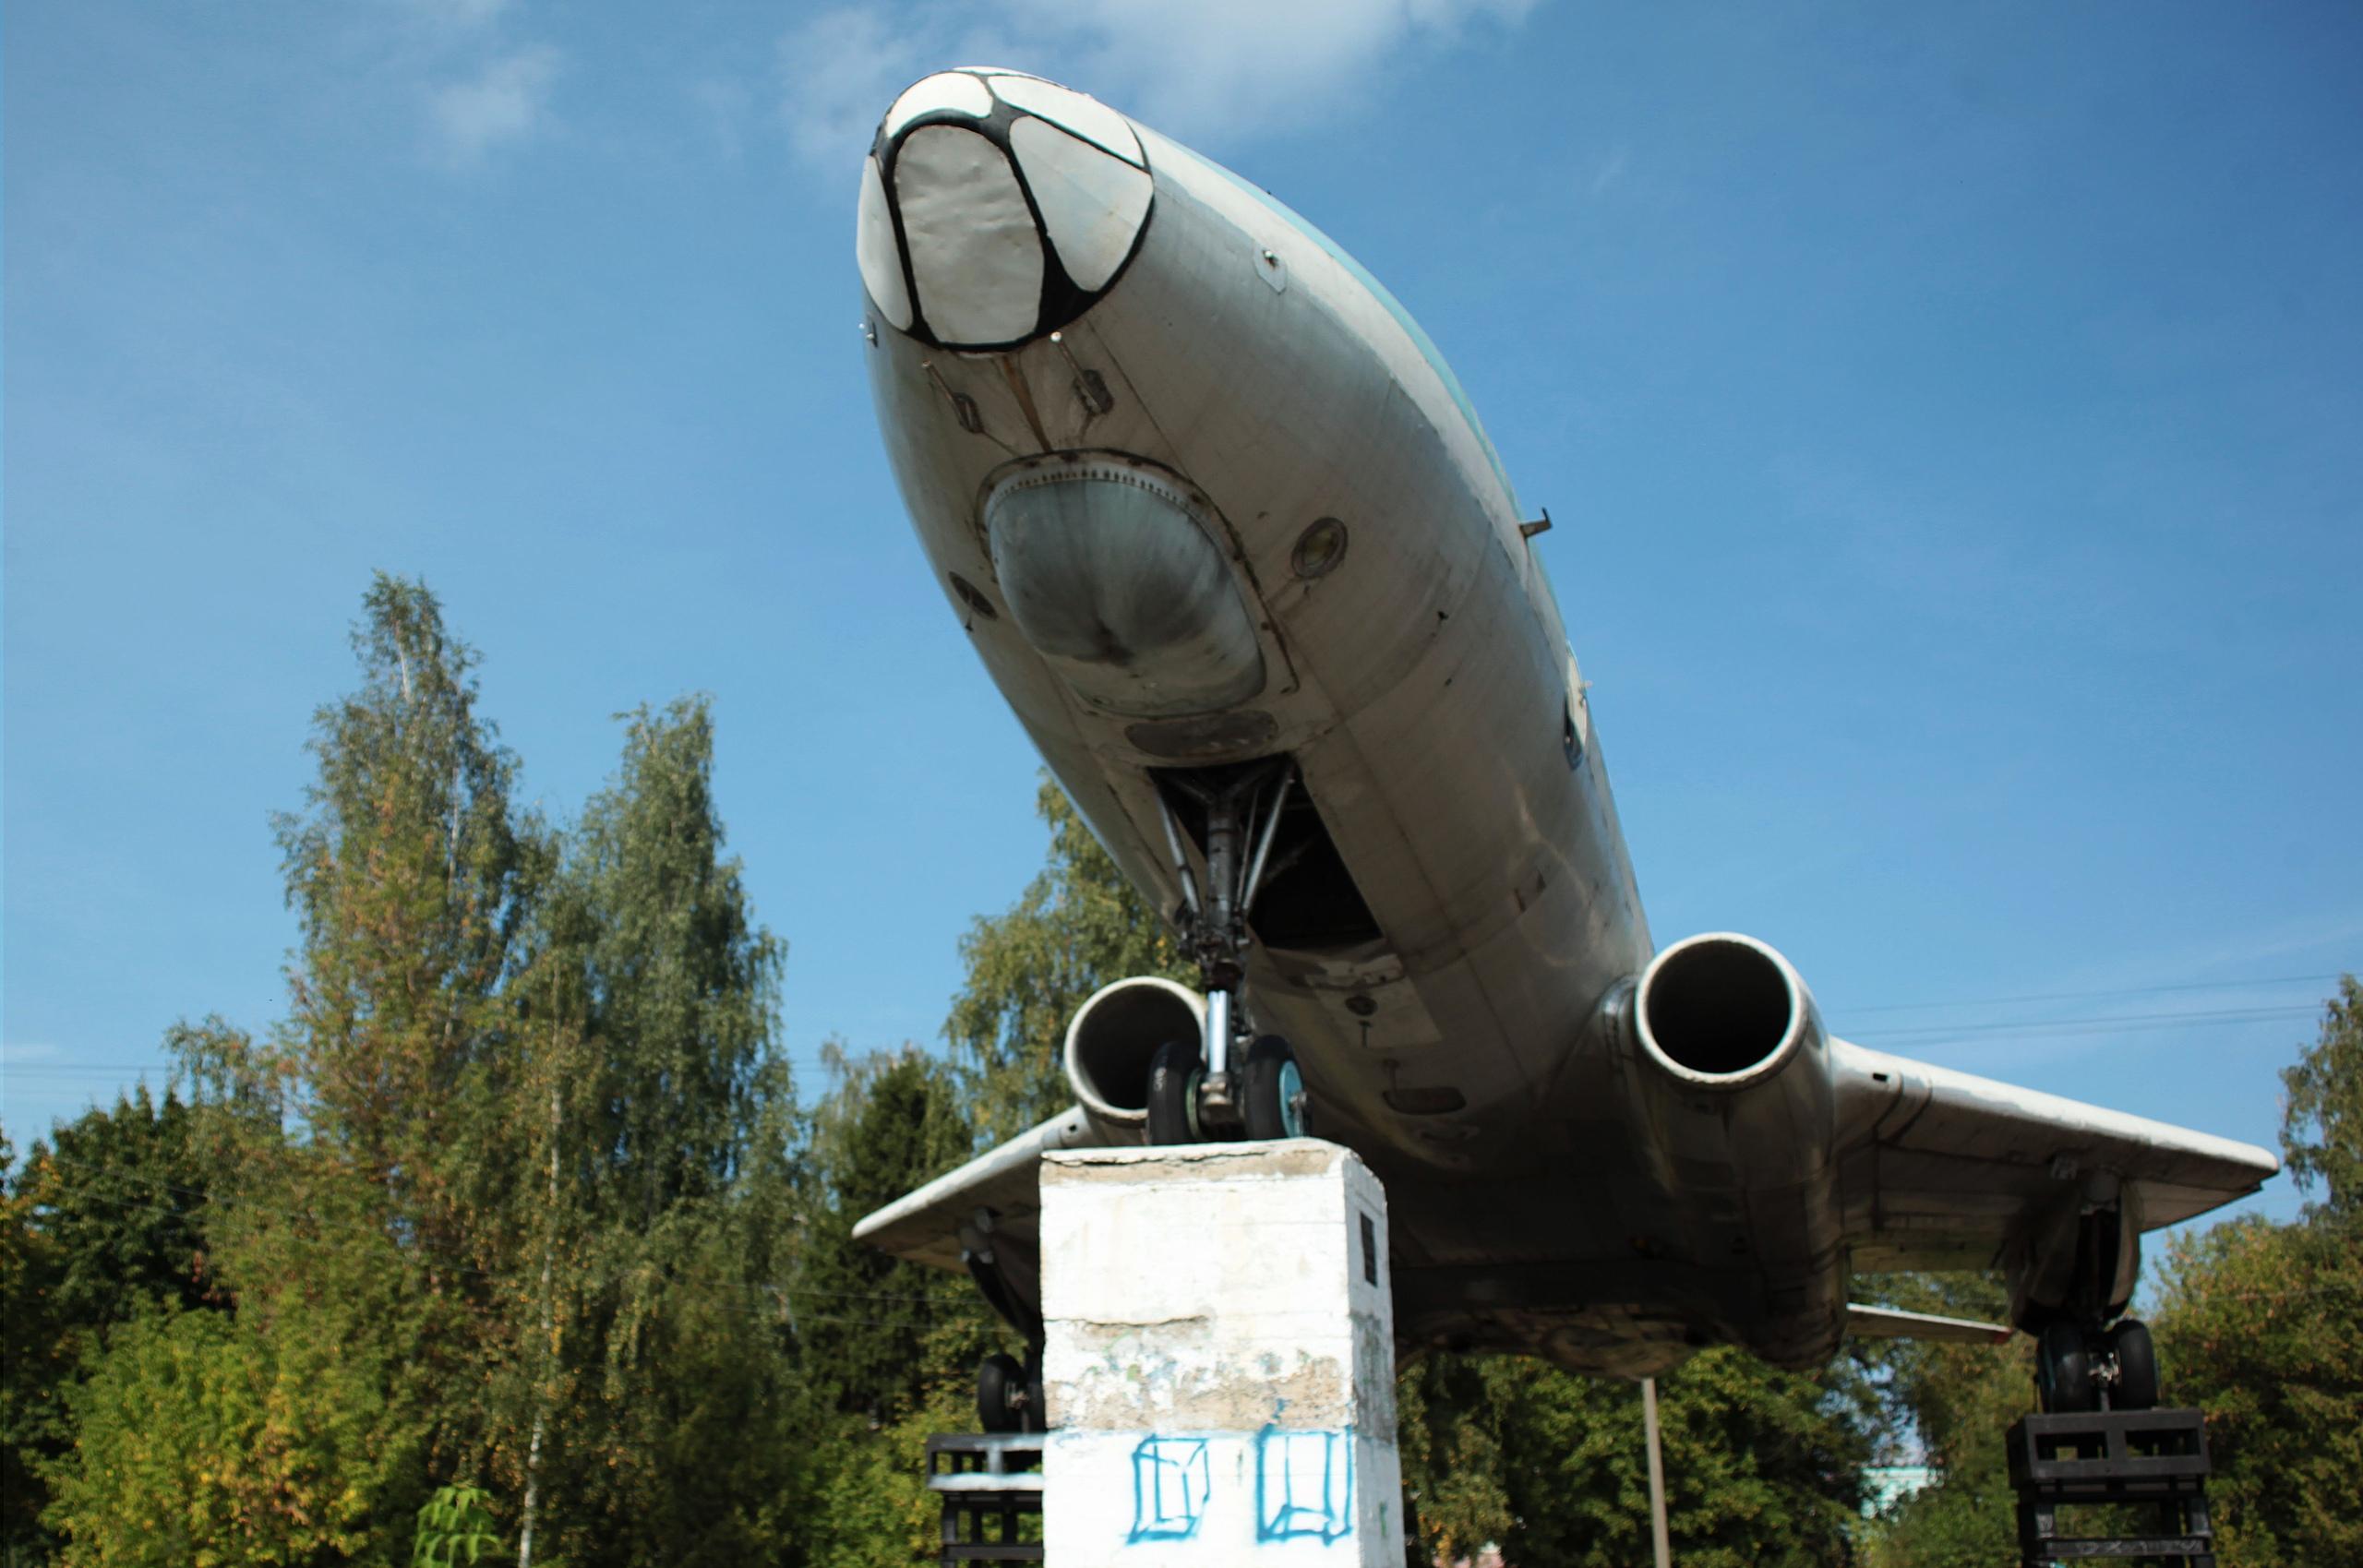 В Кимрах продолжается демонтаж самолета для переезда на новое место   Фото   Видео